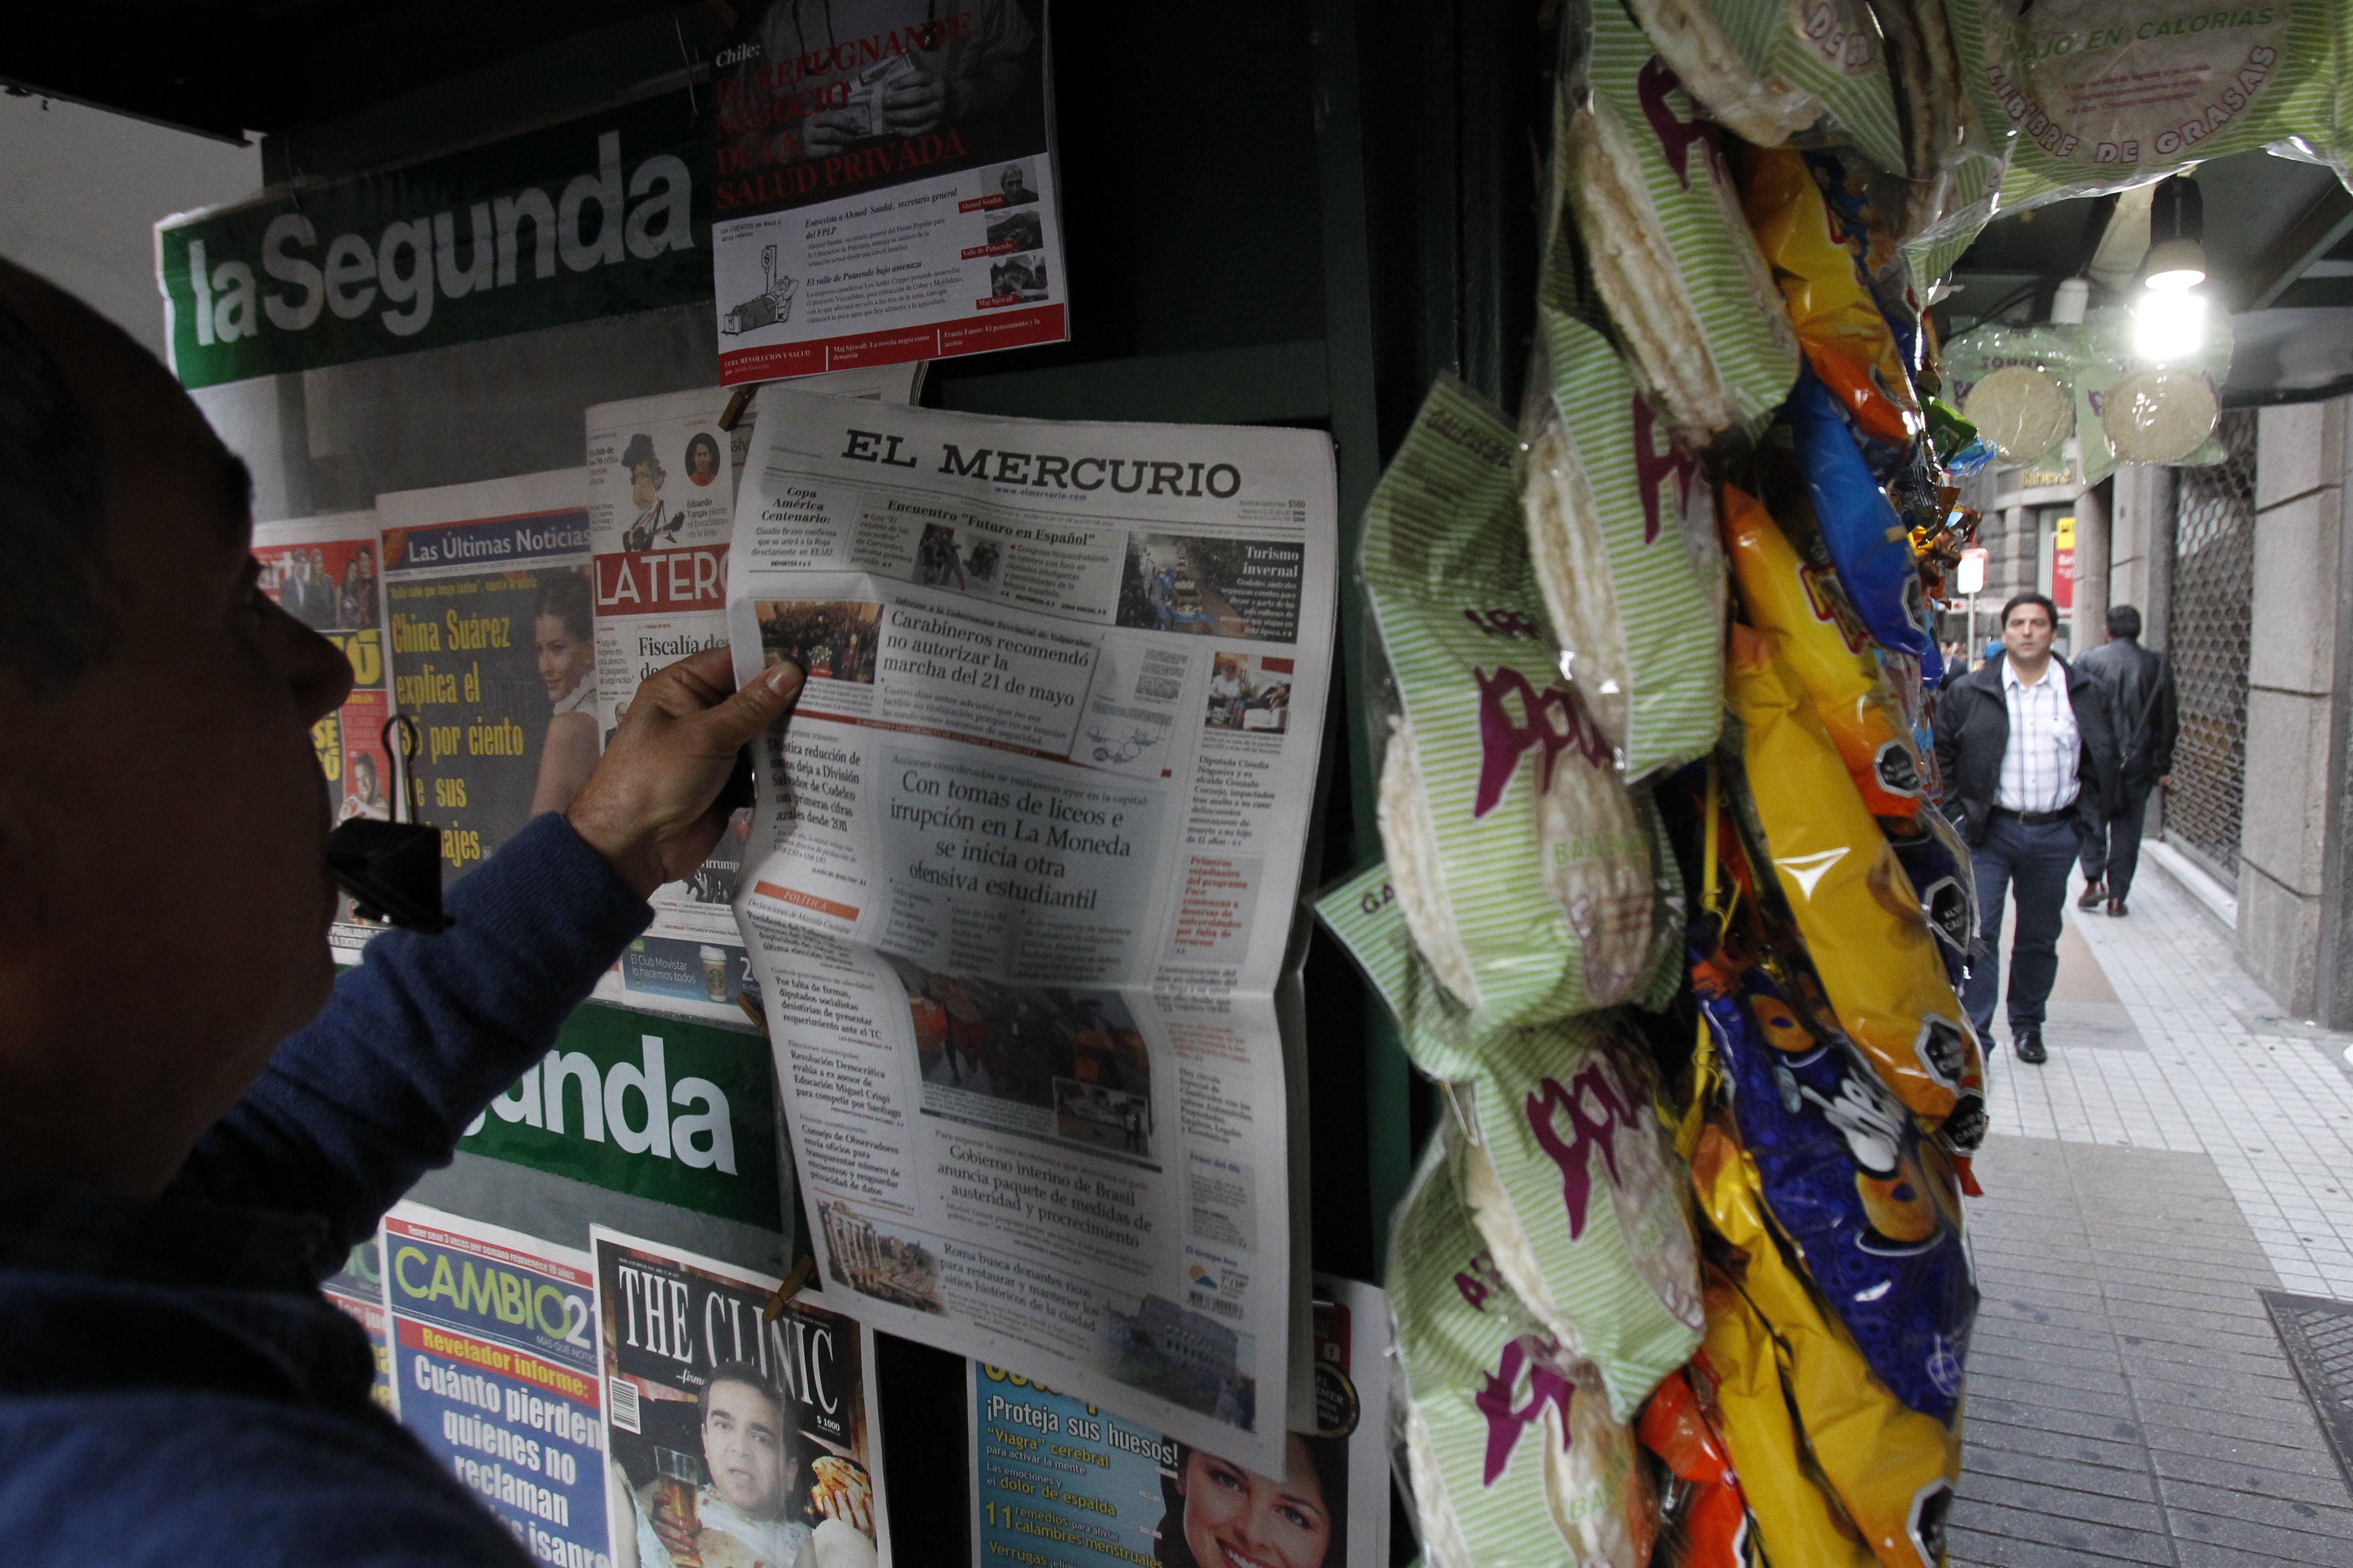 Cerca de 50 trabajadores de cinco diarios regionales de El Mercurio son despedidos